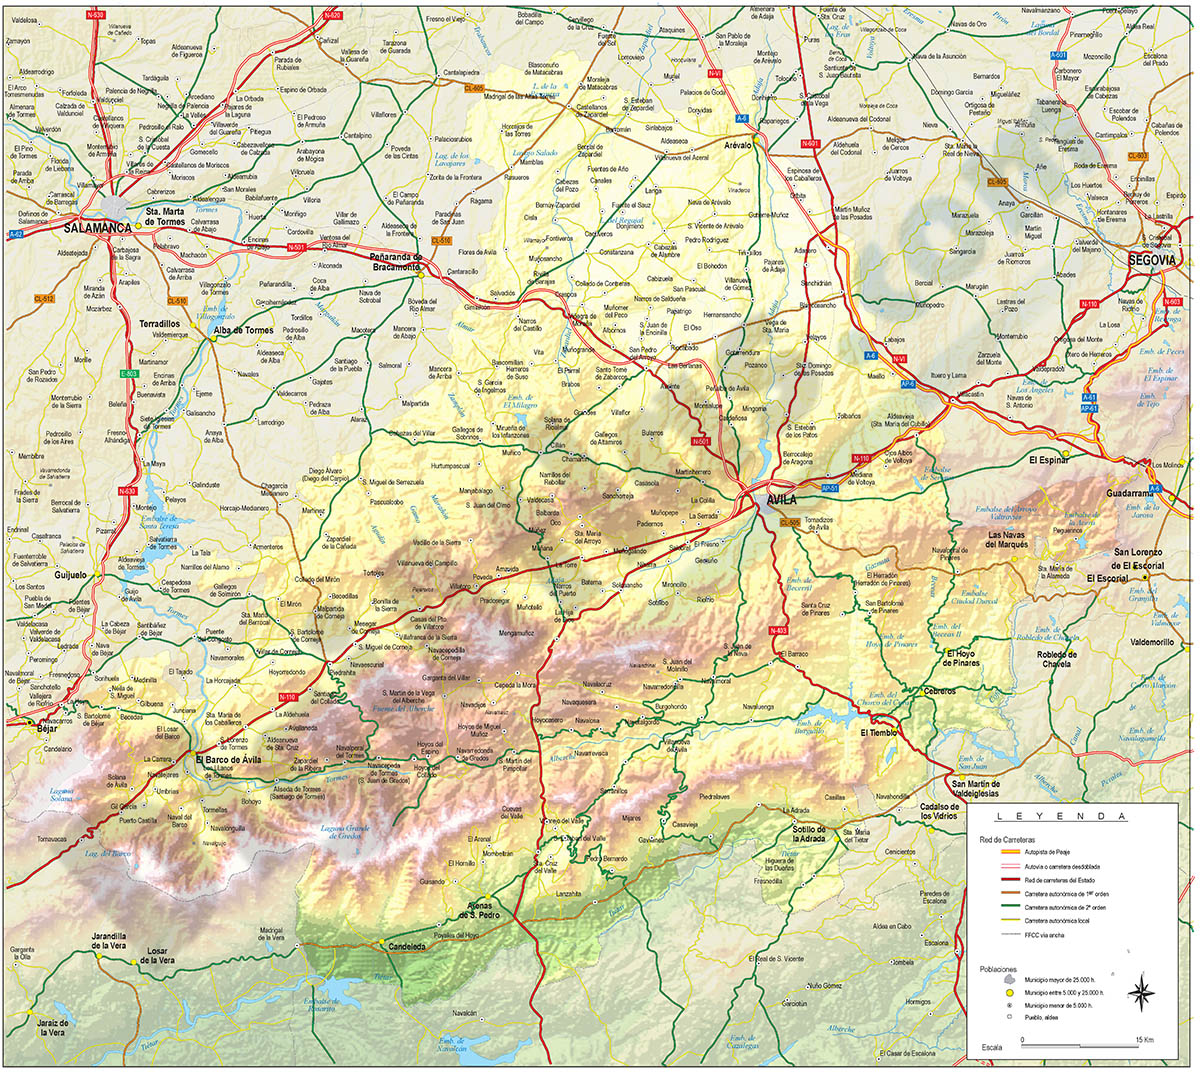 Mapa de la provincia de Avila